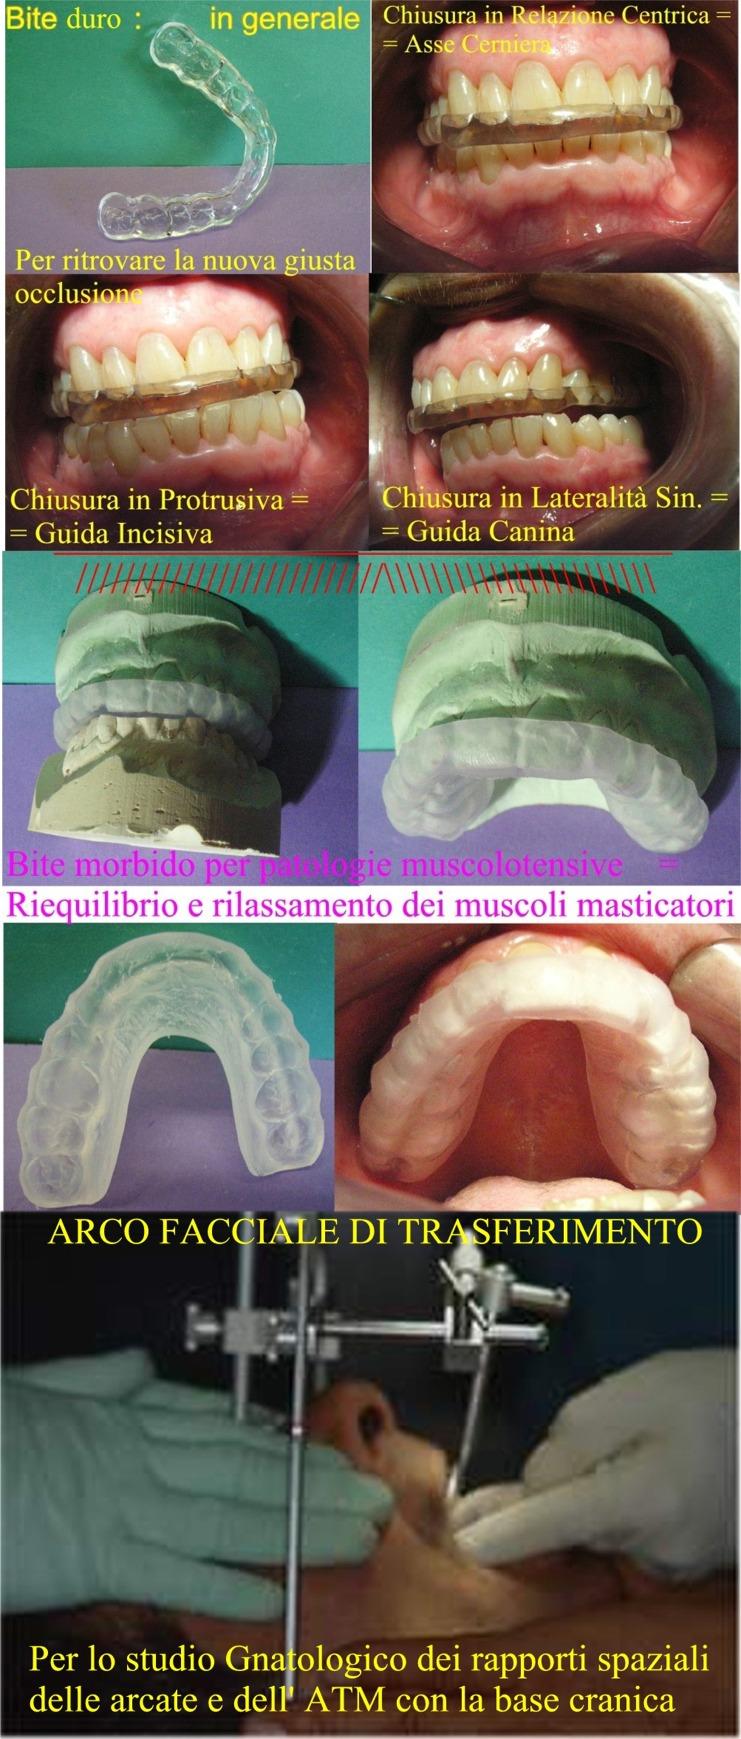 Diversi tipi di Bite e Arco facciale di Trasferimento per lo studio della ATM. Da casistica clinica Gnatologica del Dr. Gustavo Petti di Cagliari